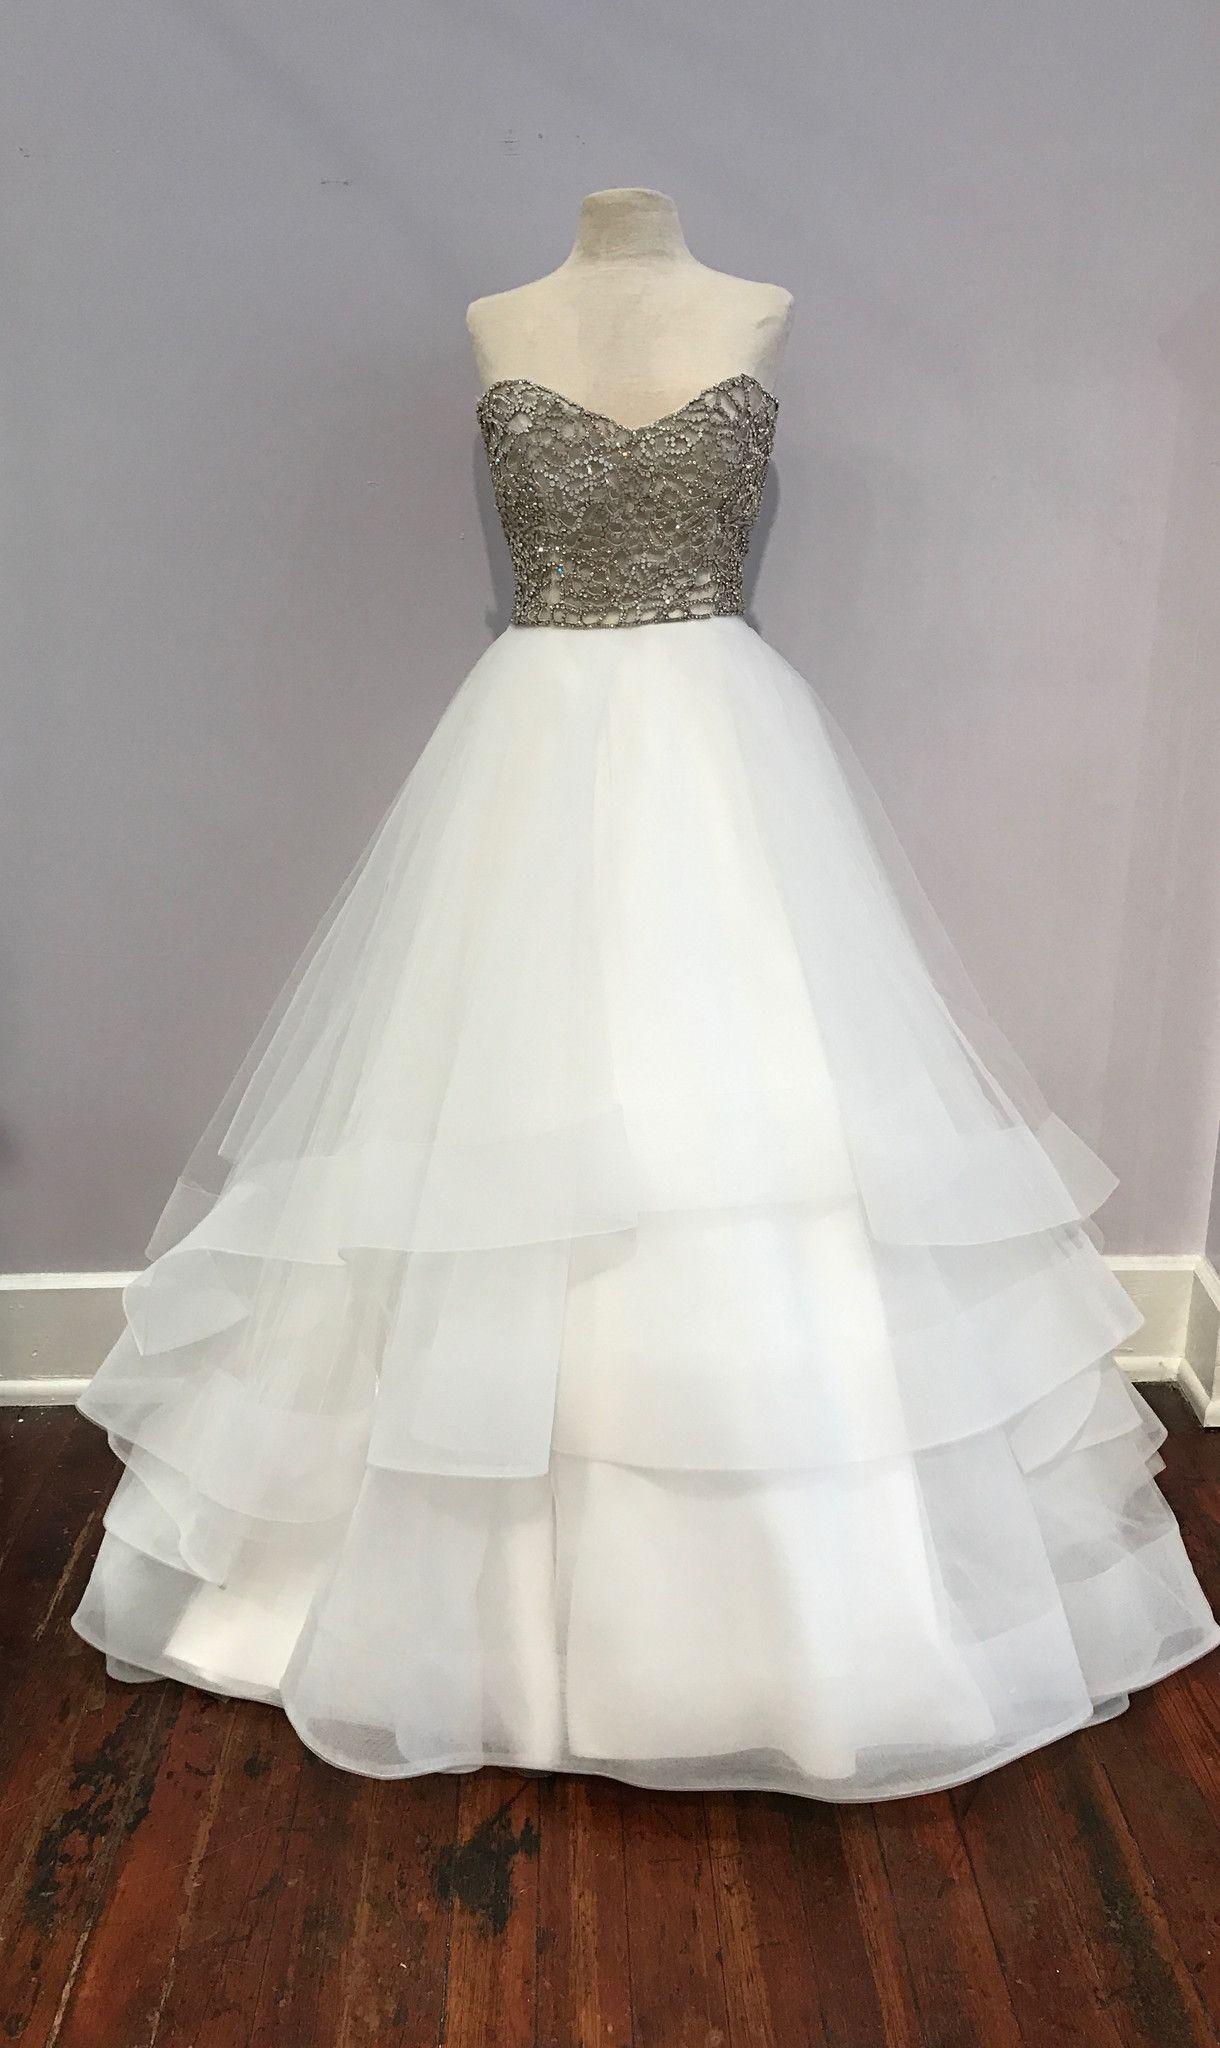 Hayley paige dori wedding dress  Hayley Paige Josie  My dream wedding  Pinterest  Bridal boutique